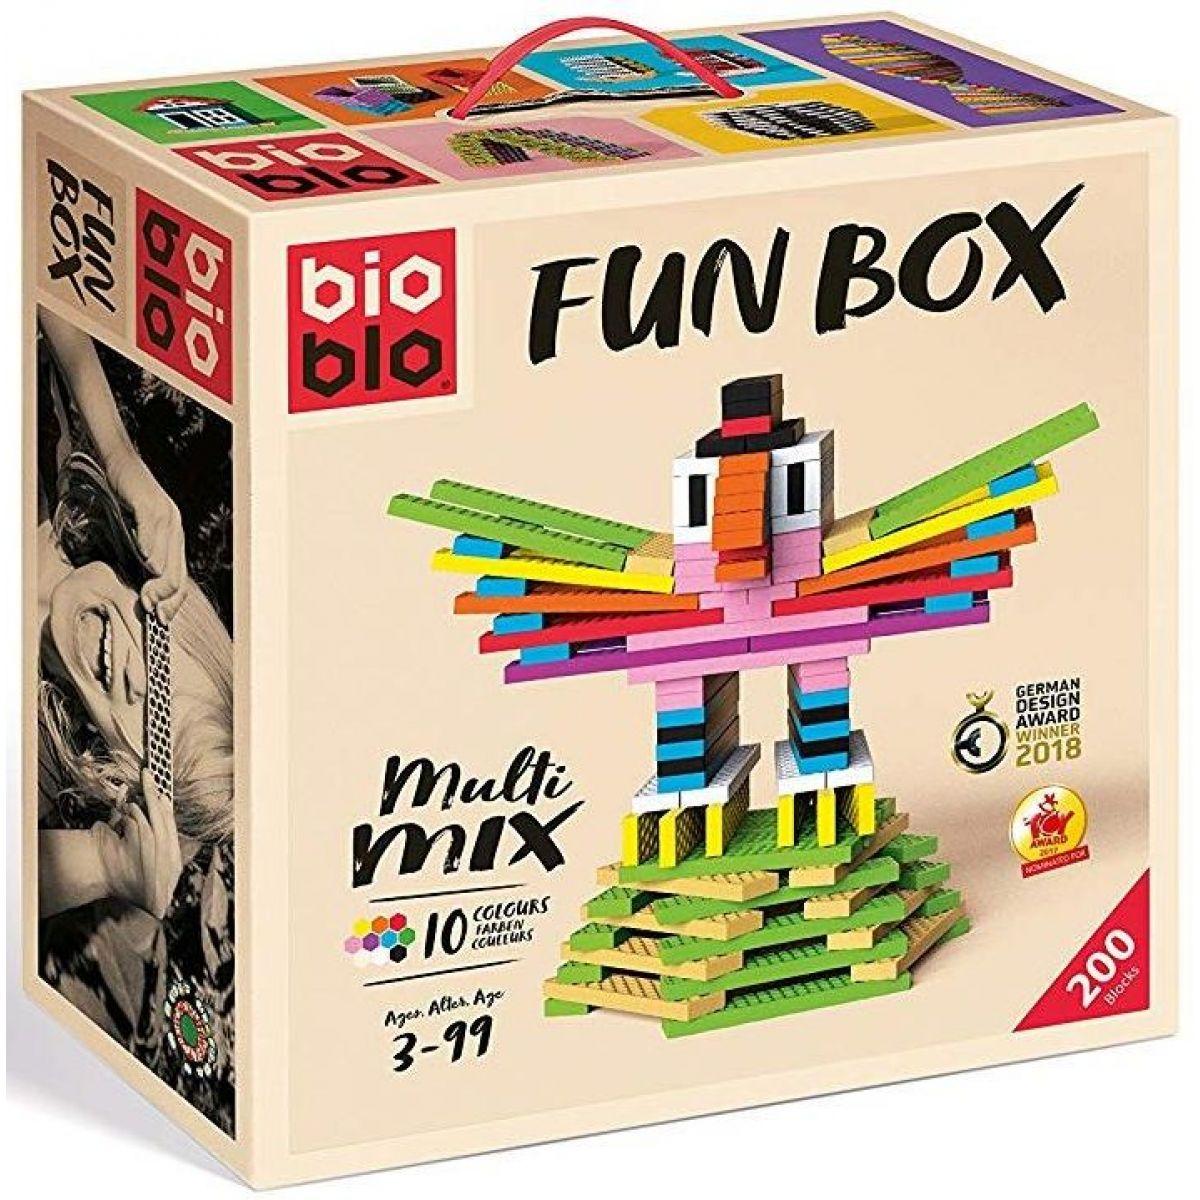 Bioblo Fun Box 200 dielikov